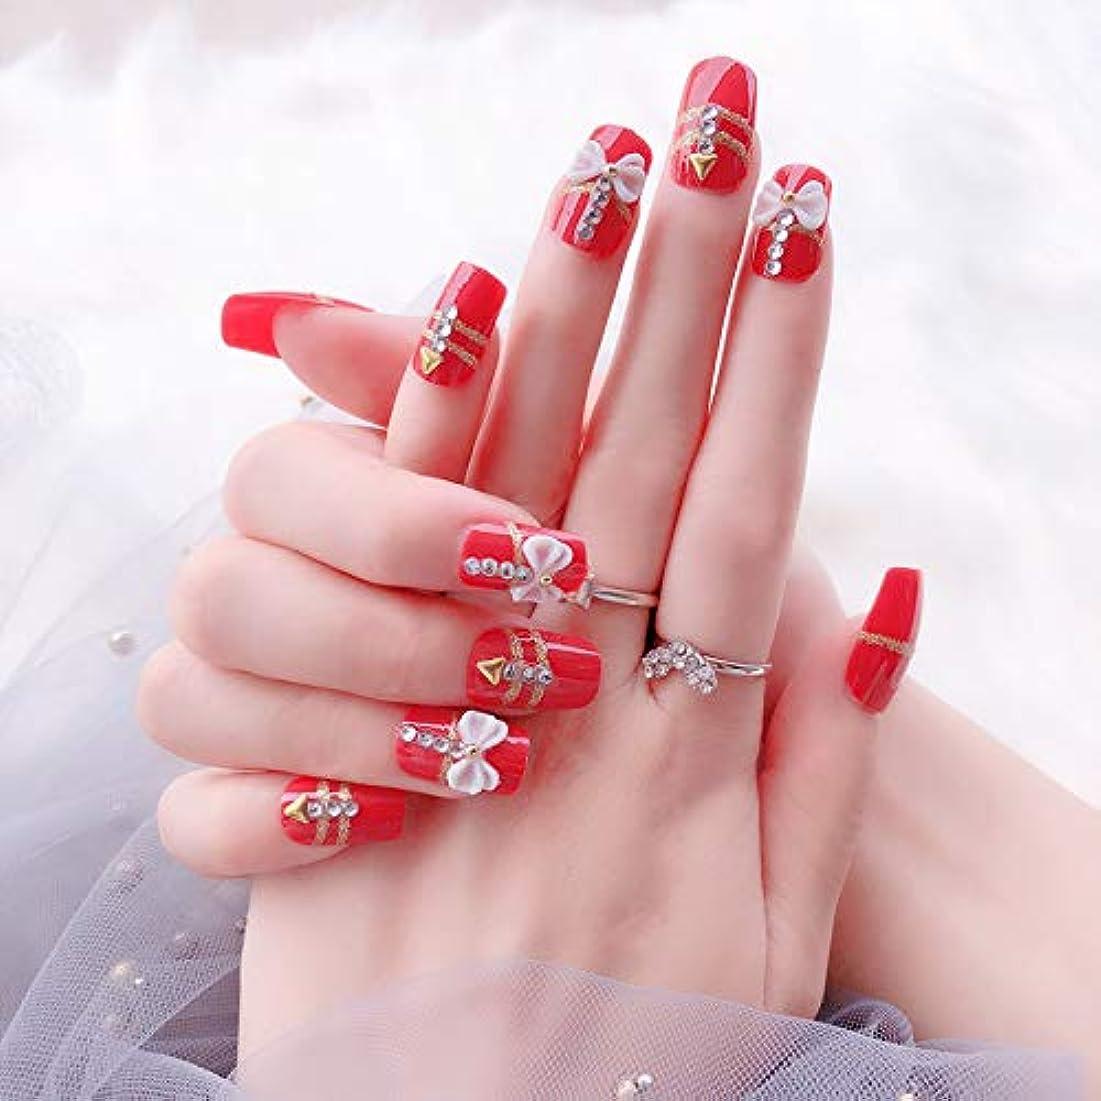 ヘッドレスめったに勝利した花嫁ネイル 手作りネイルチップ 和装 ネイル 24枚入 結婚式、パーティー、二次会など 可愛い優雅ネイル 蝶の飾り付け (レッド)